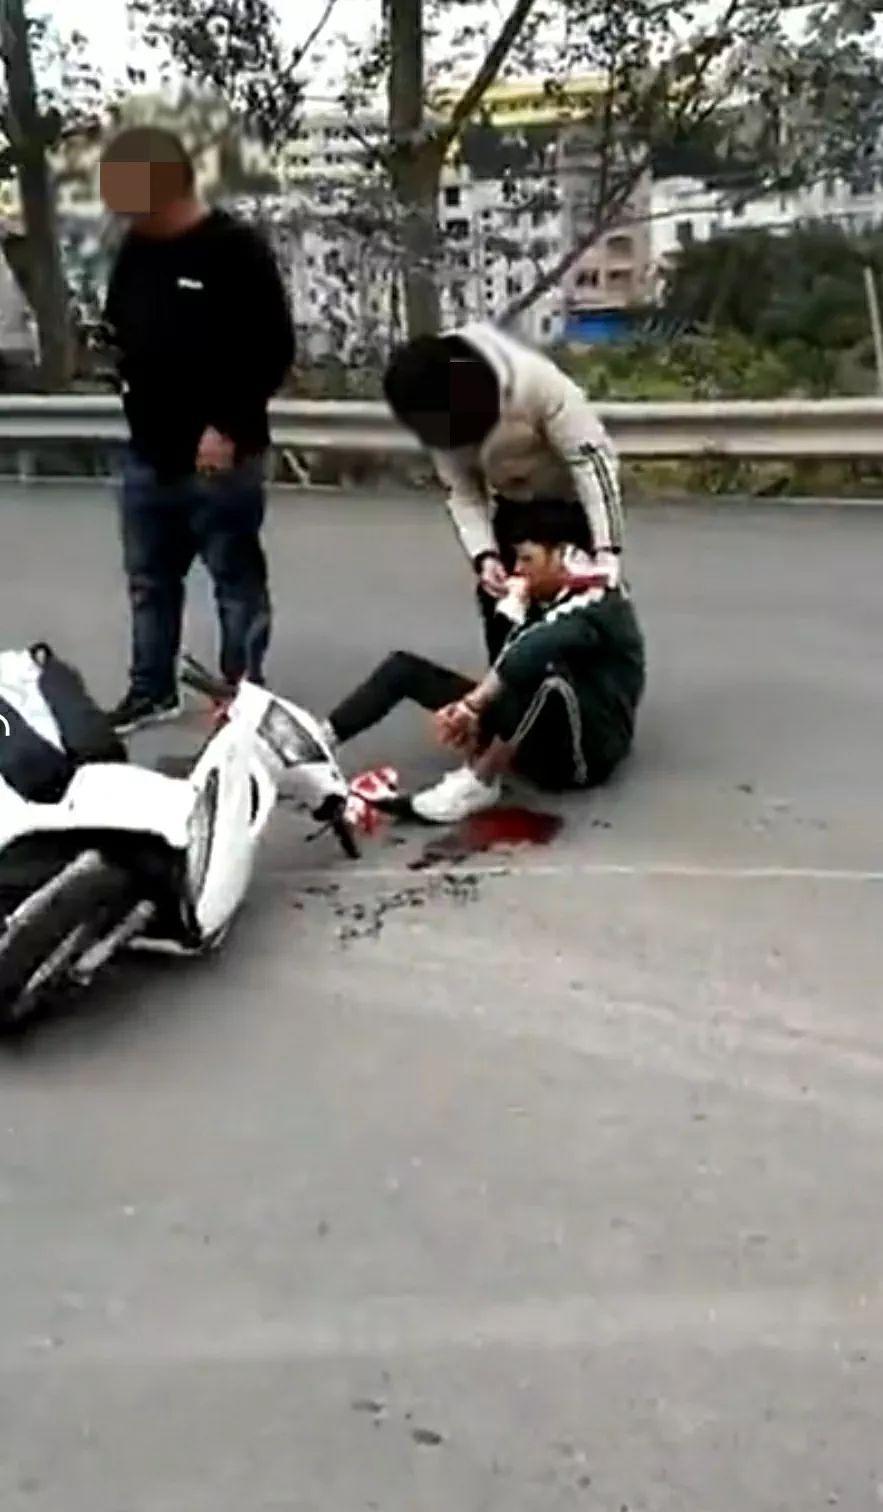 可怕!藤县岭景车站门口,摩托车倒地,地上一大滩血!